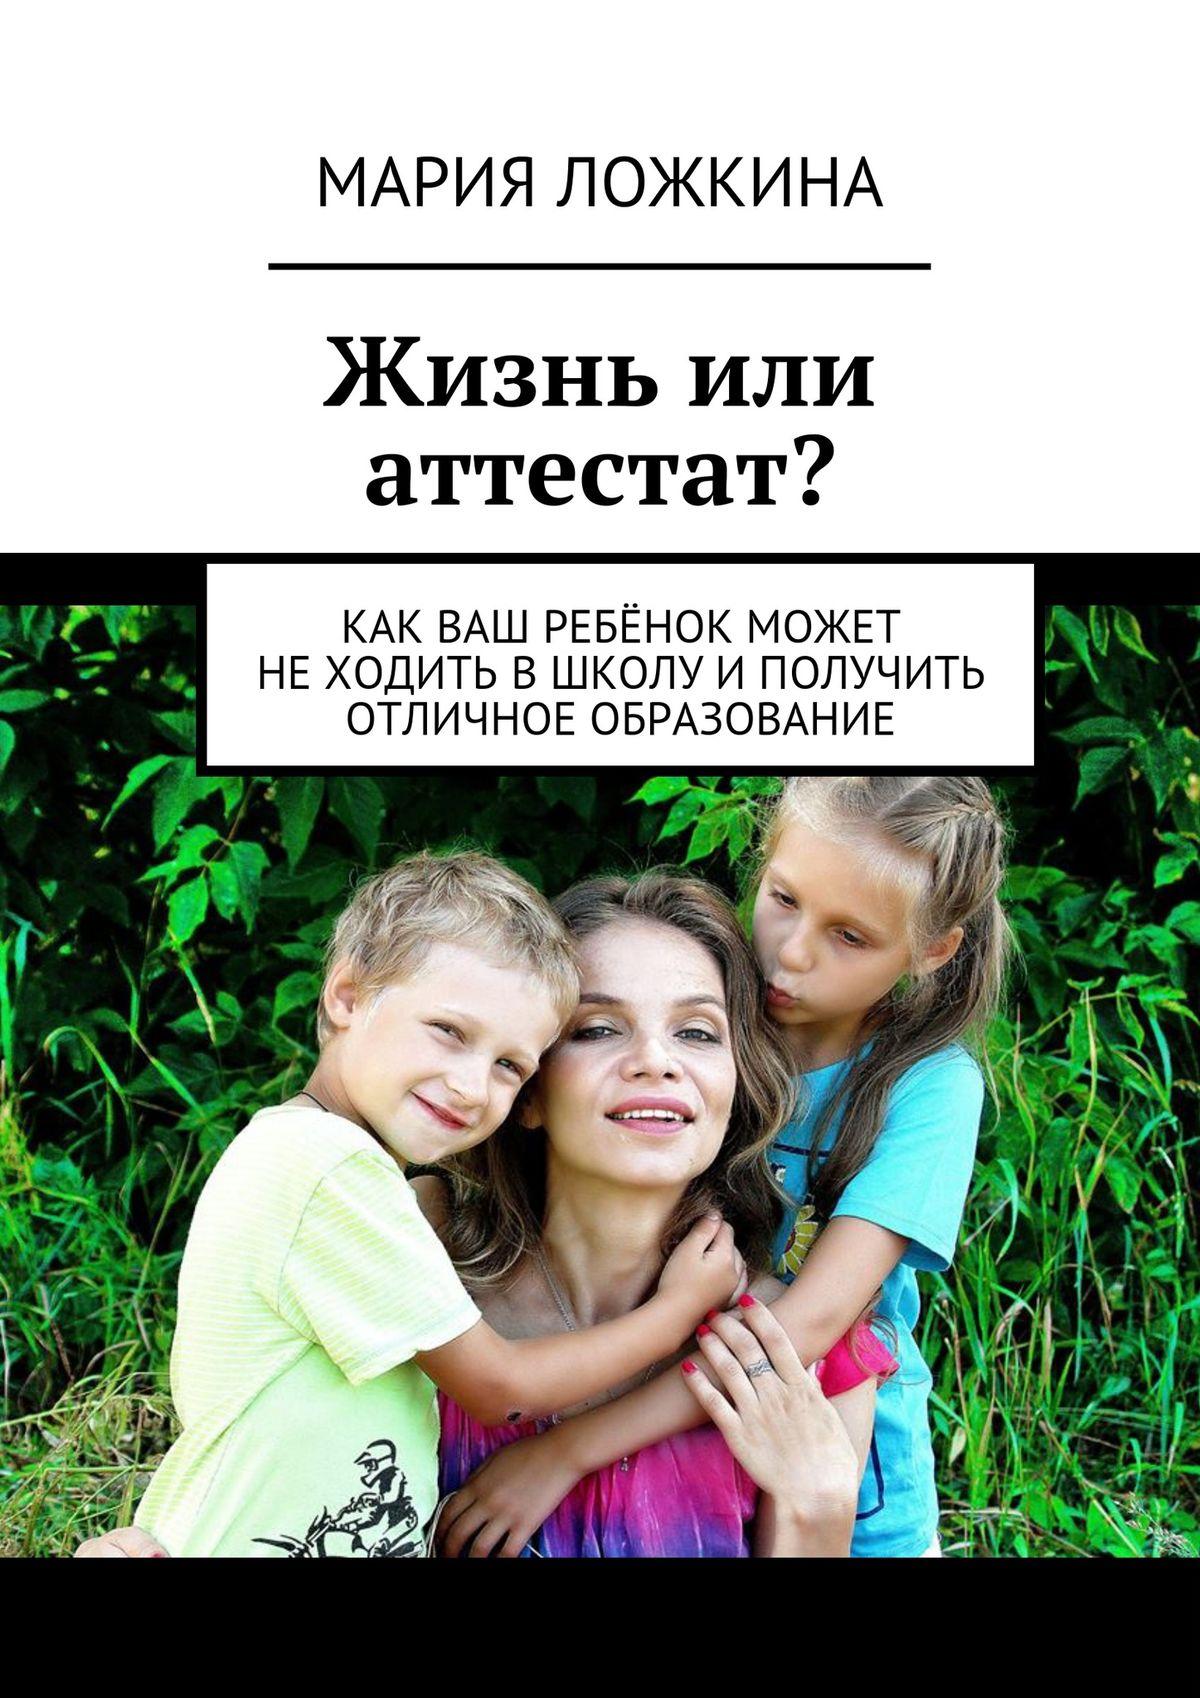 Мария Юрьена Ложкина Жизнь или ? Как аш ребёнок может неходить школу иполучить отличное образоание